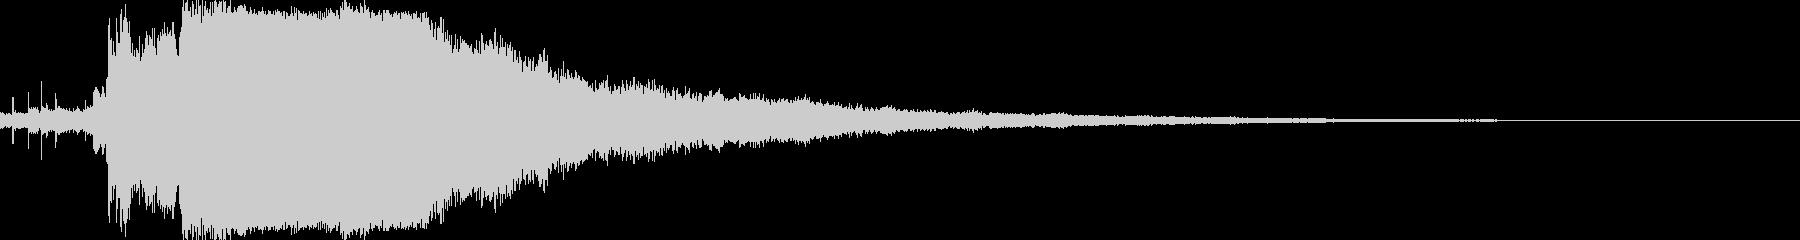 シャキーン♪クリア,達成,回復等に12bの未再生の波形